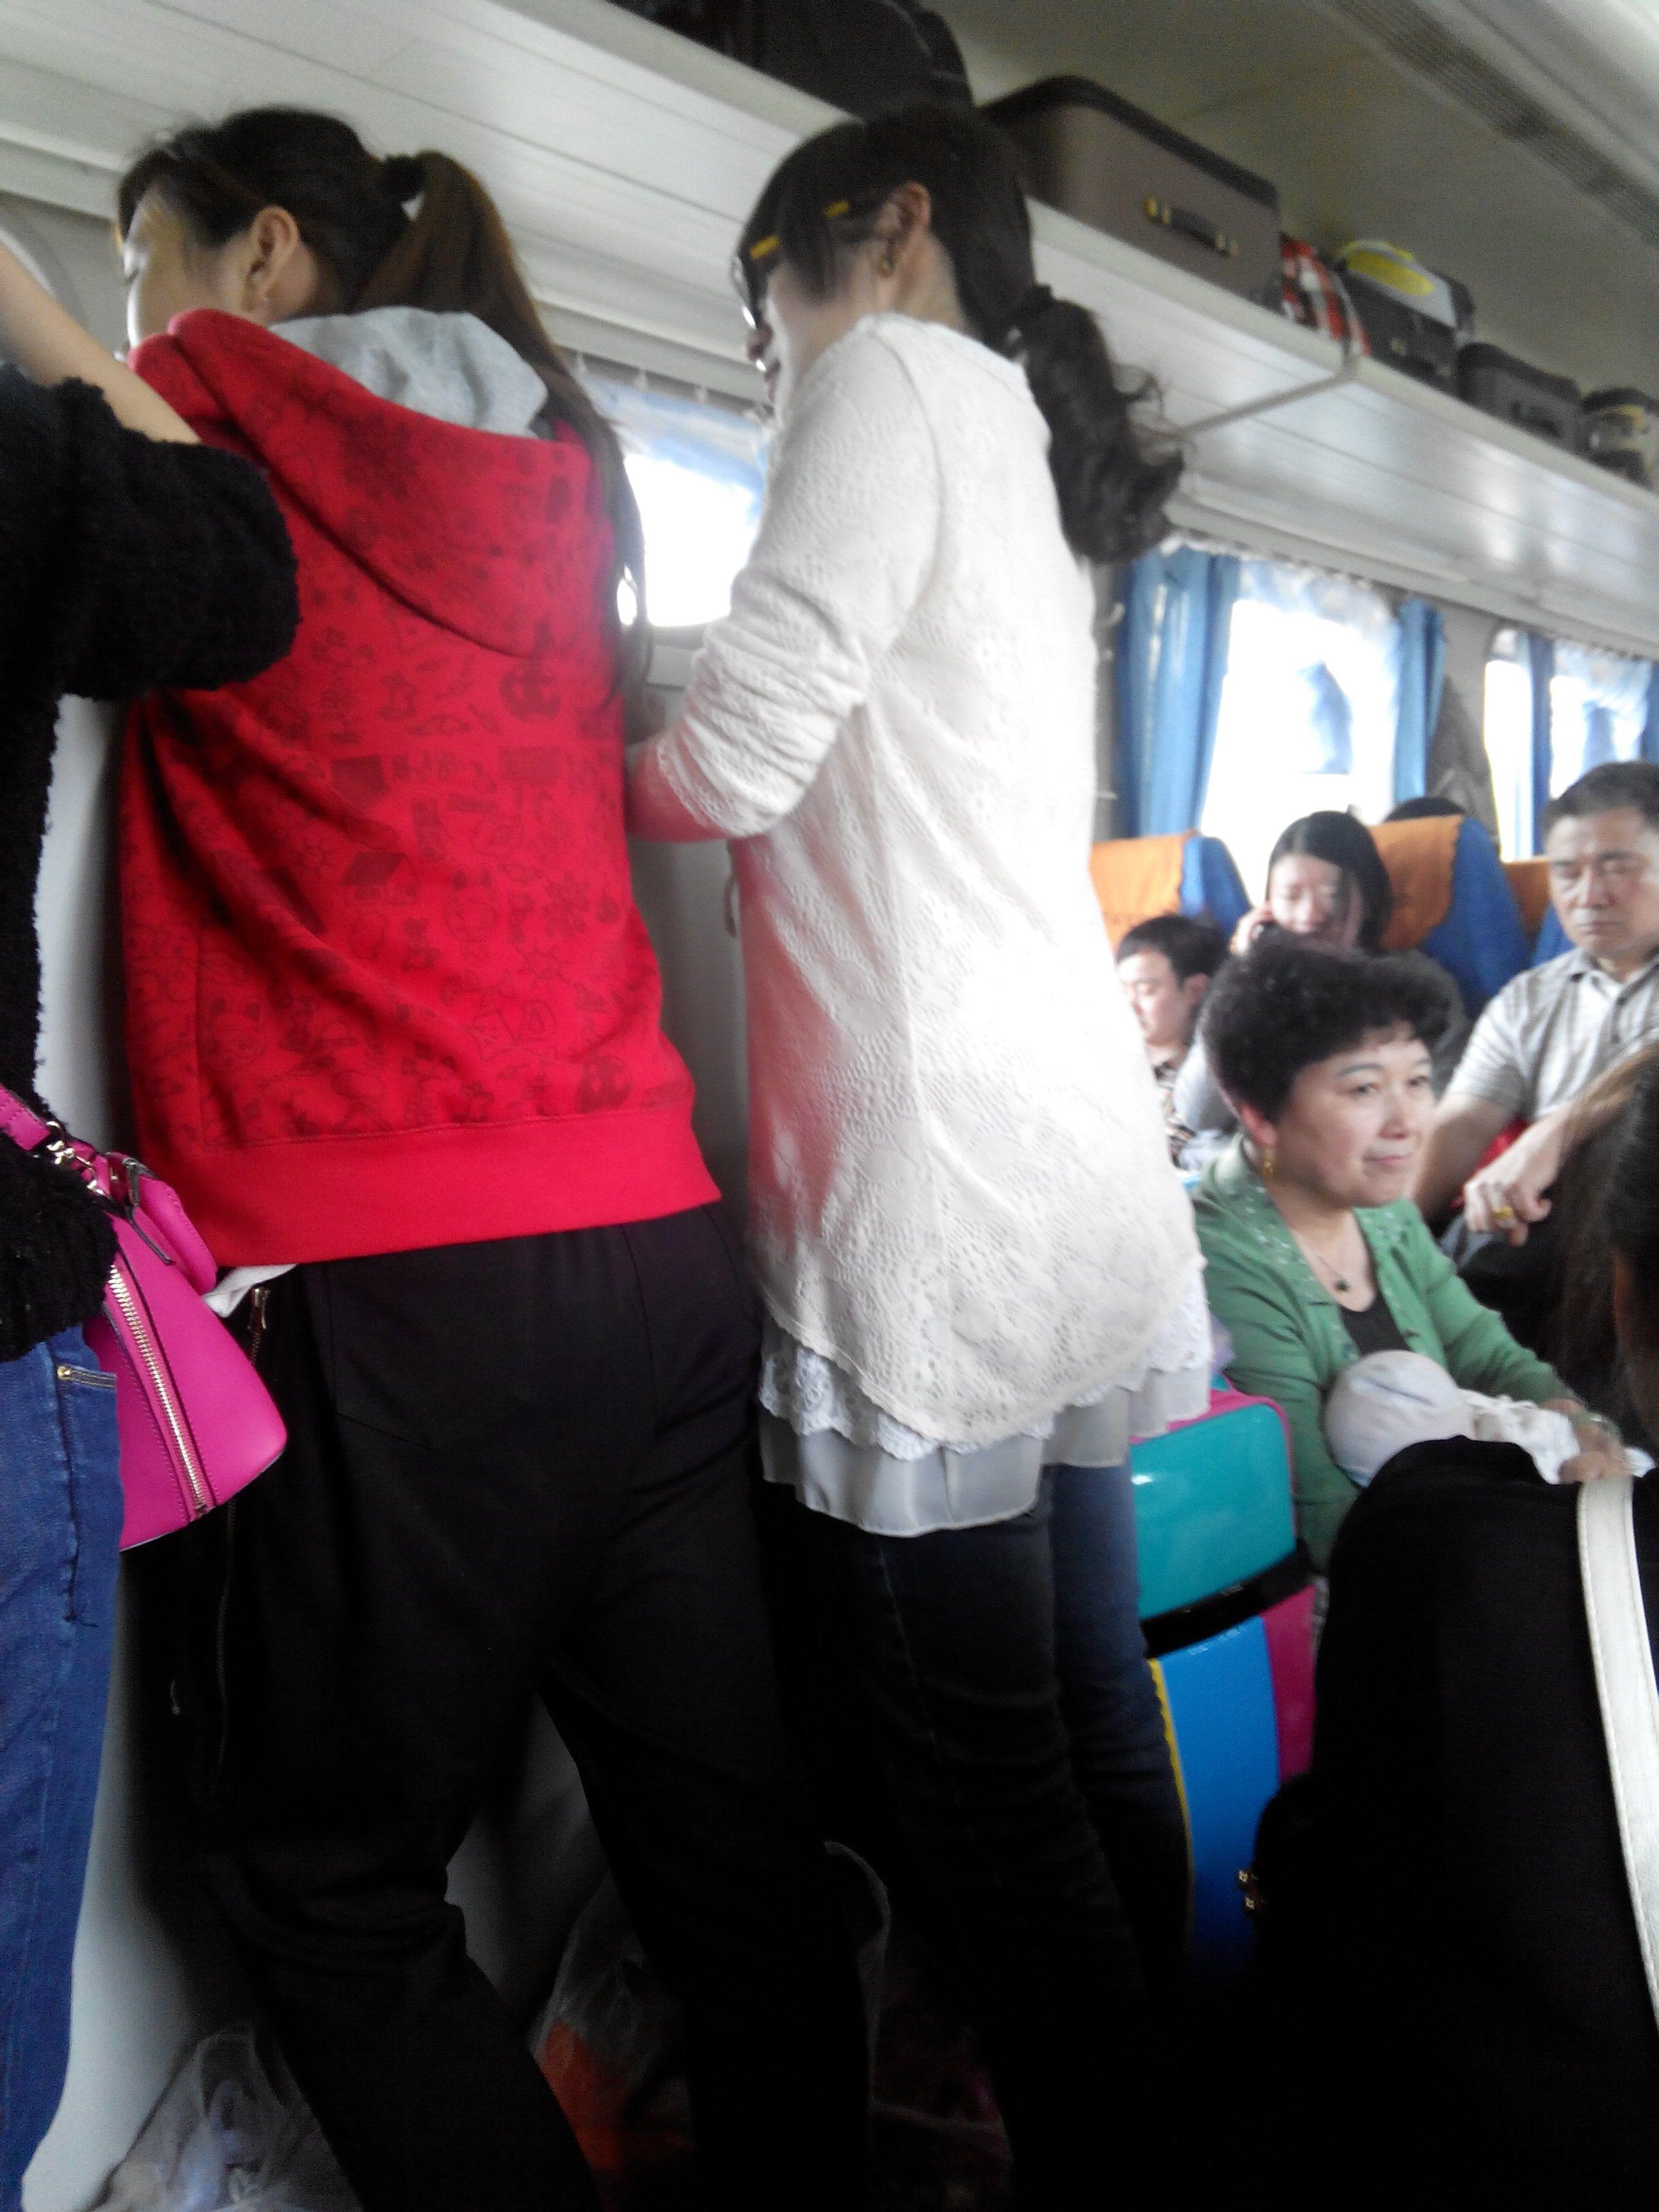 怎么找见一个在火车上偶遇的女孩 竖